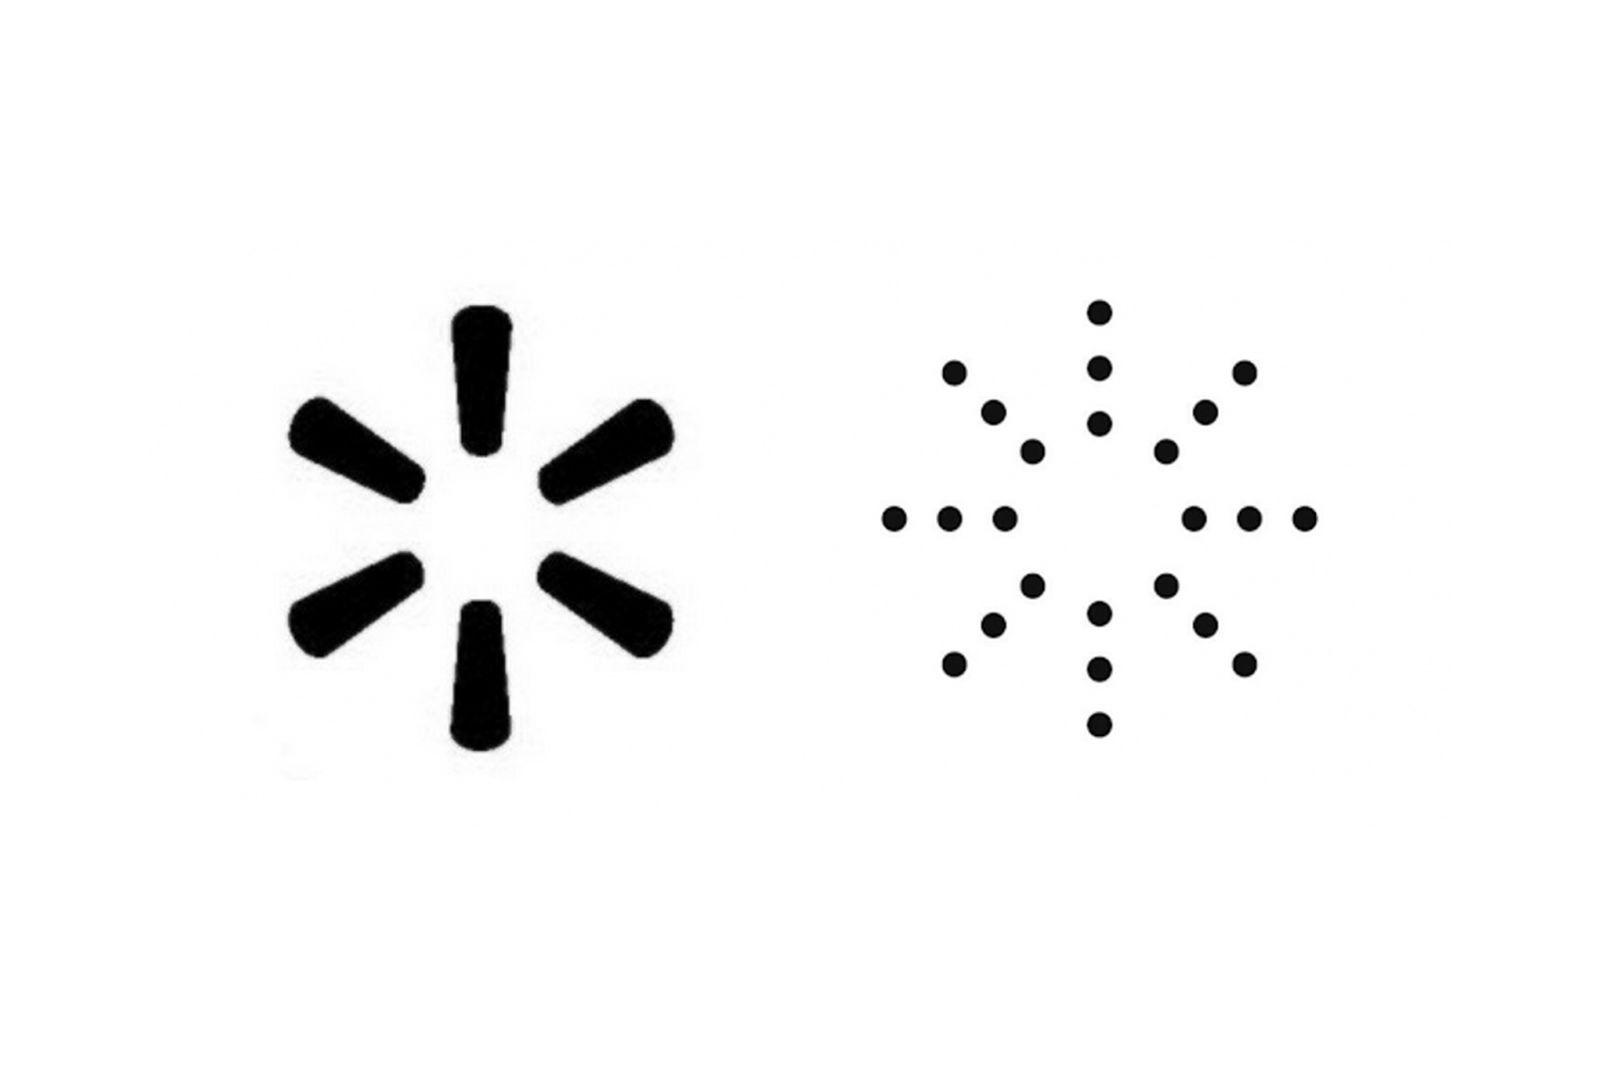 kanye-west-yeezy-walmart-logo-dispute-01